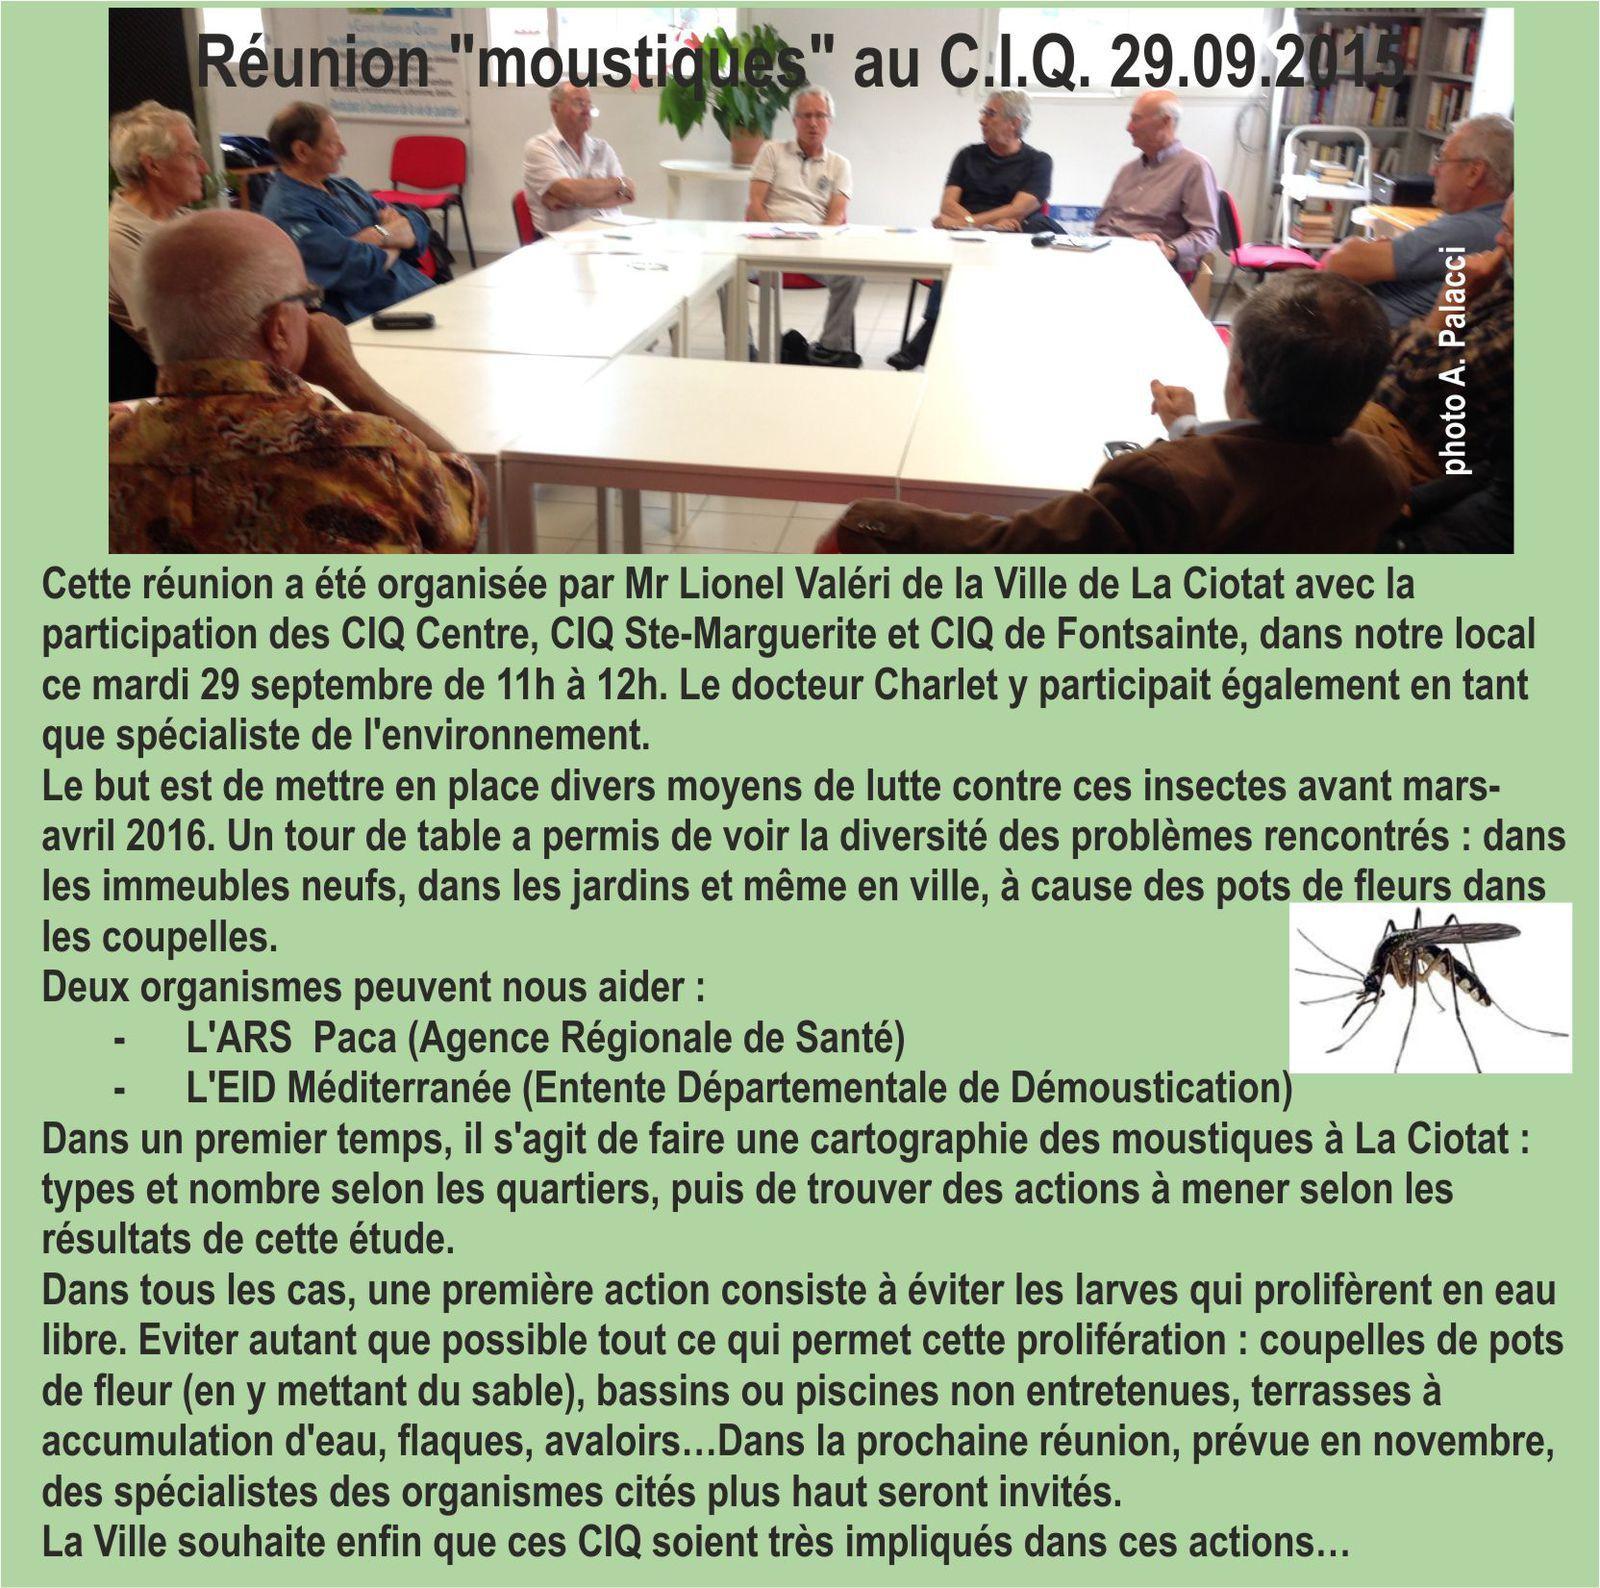 8 OCTOBRE 2015 - INFOS DU CIQ